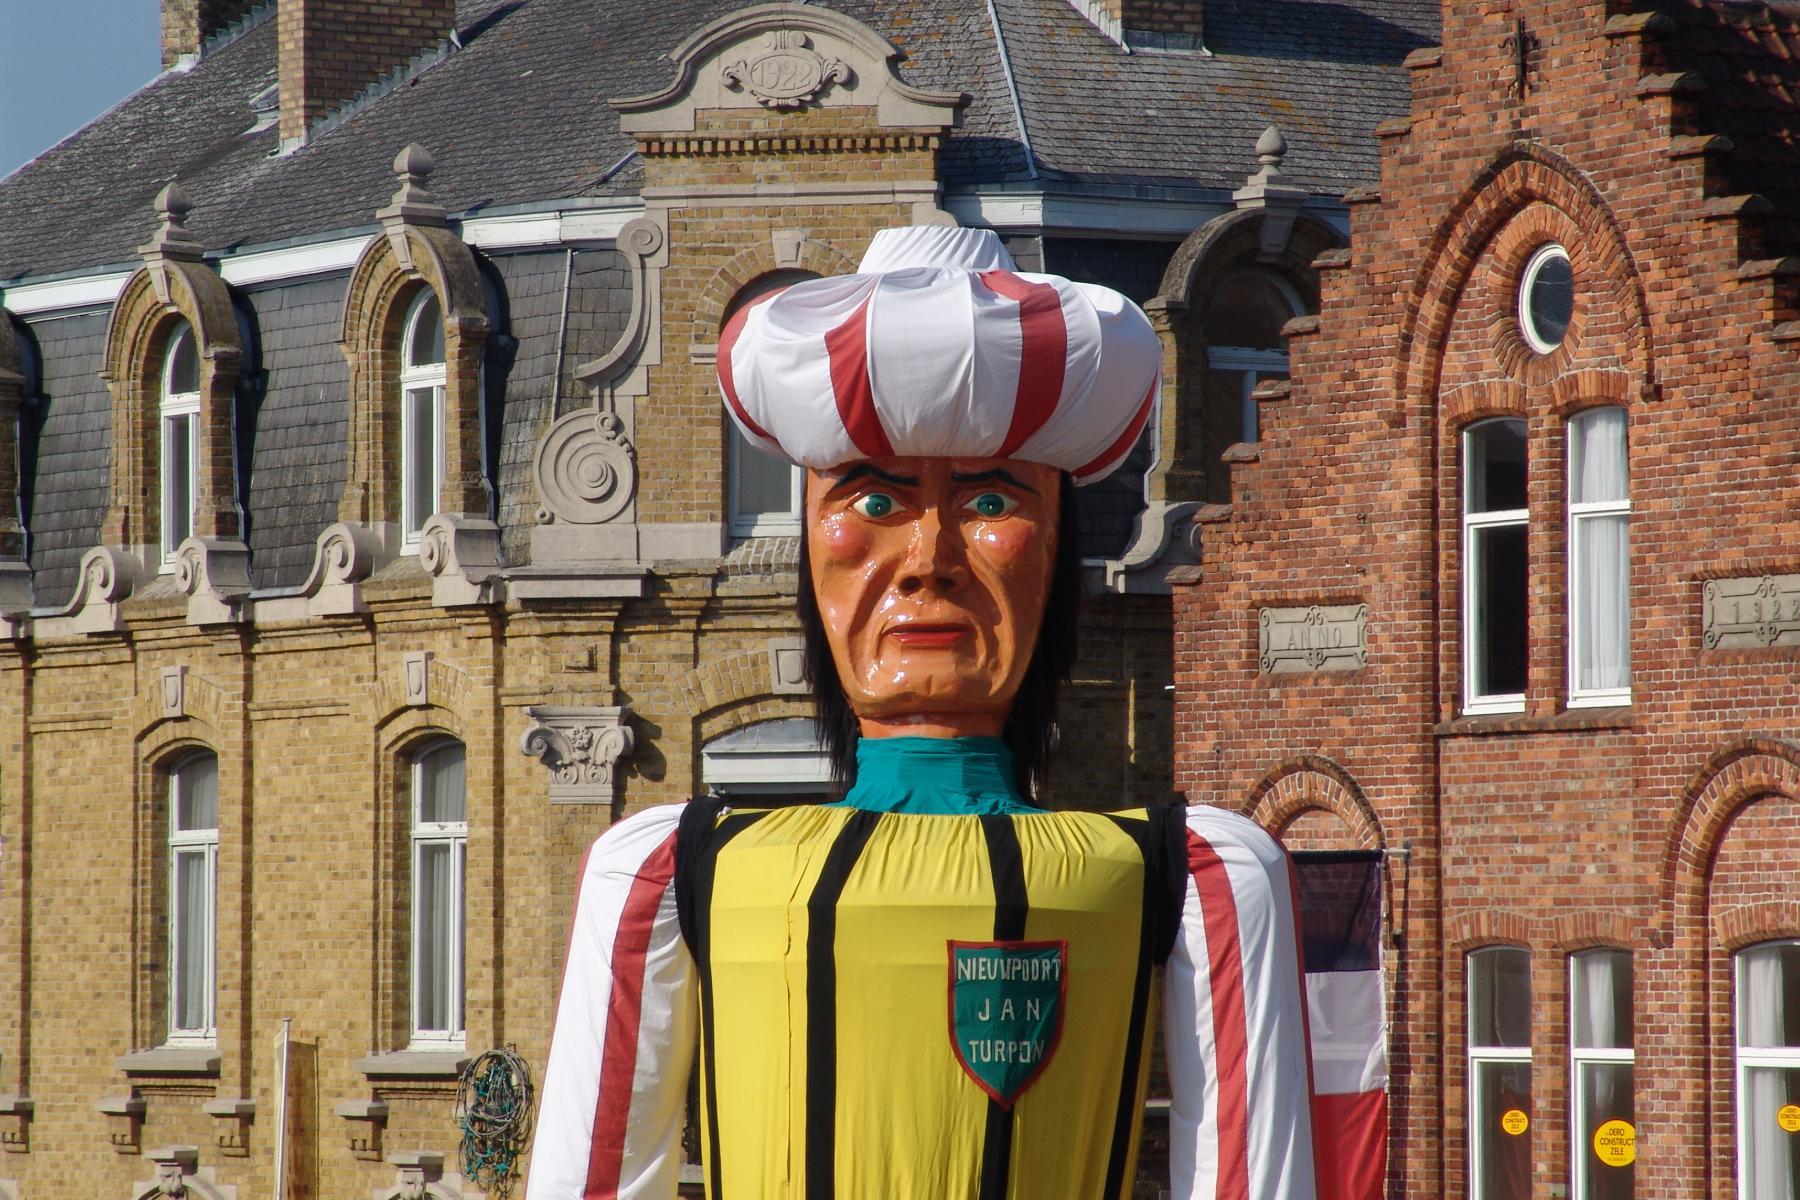 Visit Nieuwpoort Folklore Jan Turpijn